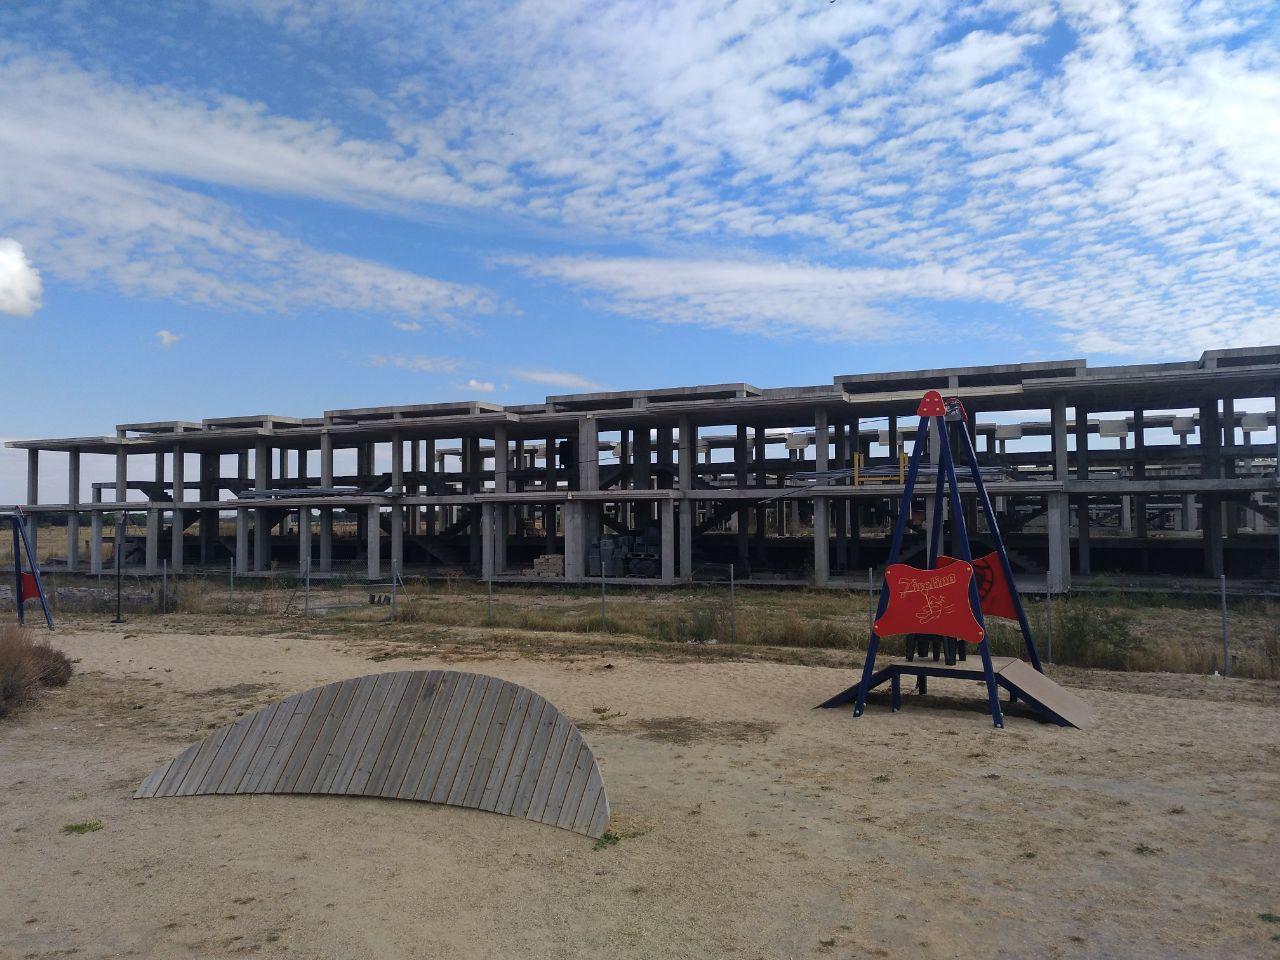 Esqueletos de viviendas inacabadas de Metrovacesa en Aldeamayor Golf, una urbanización que sufrió la crisis.